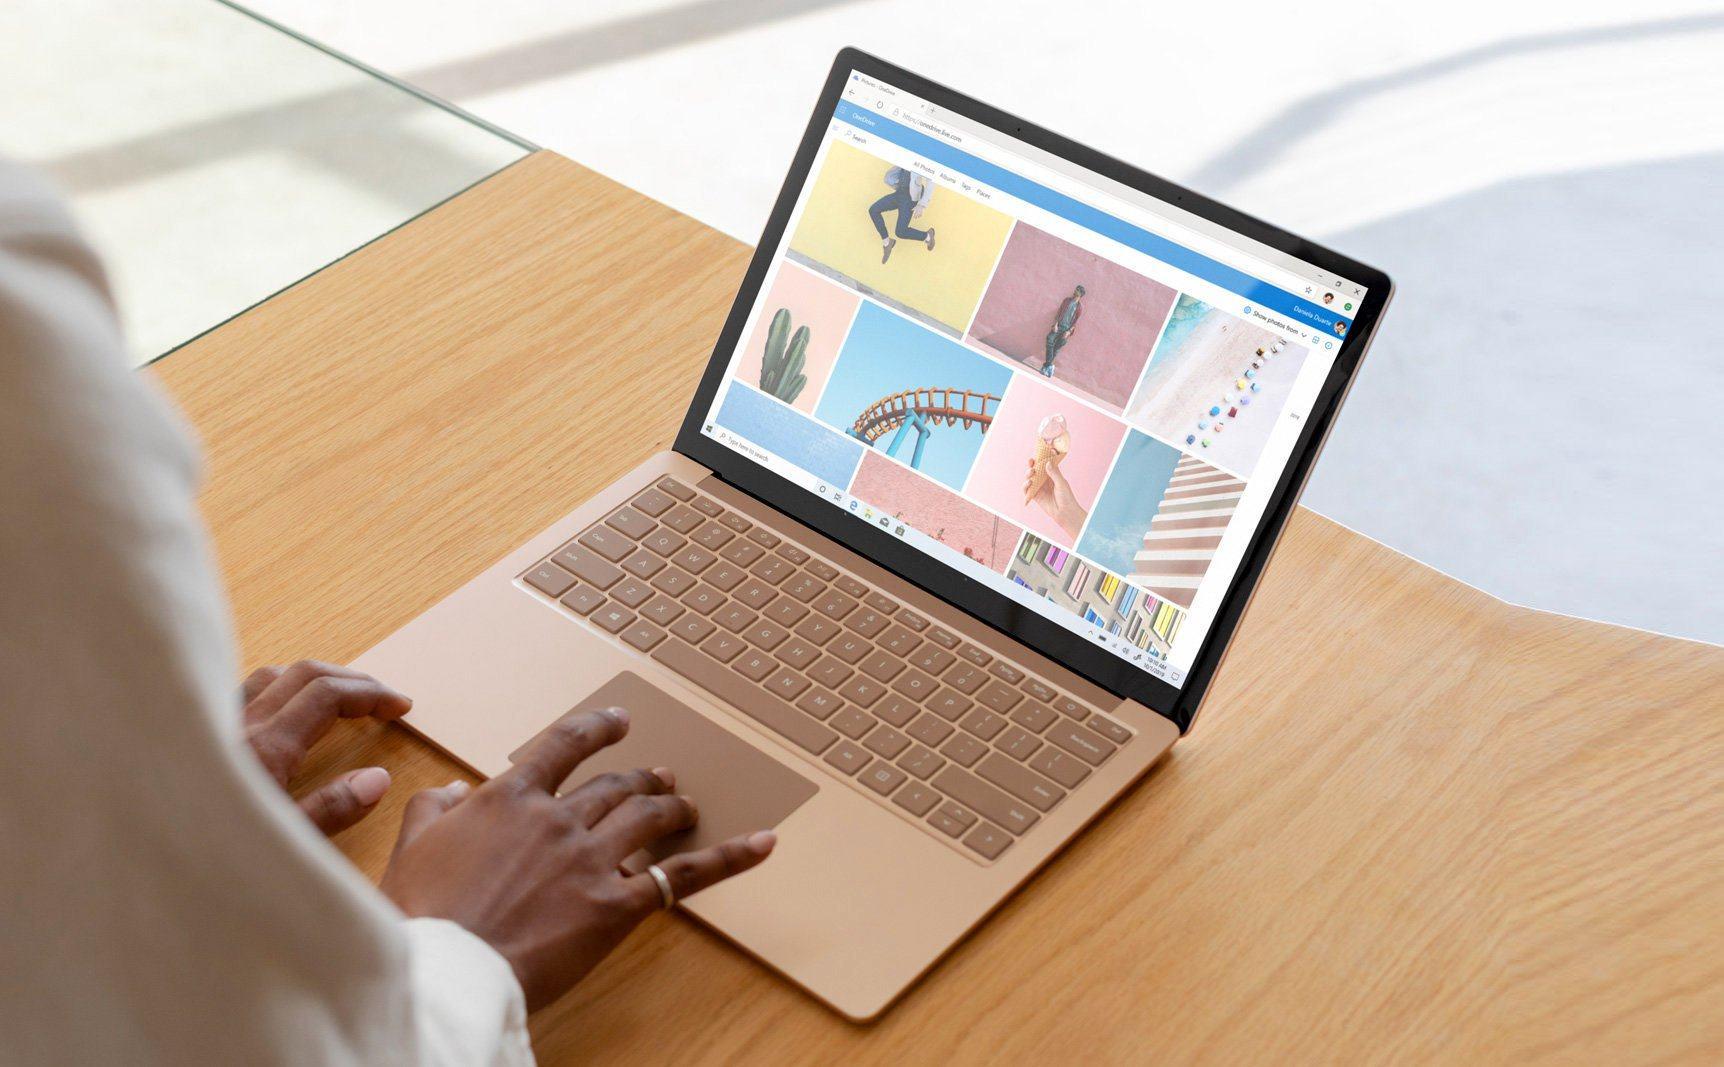 Bạn phải biết bạn mua surface để làm gì? Phục vụ cho công việc gì?